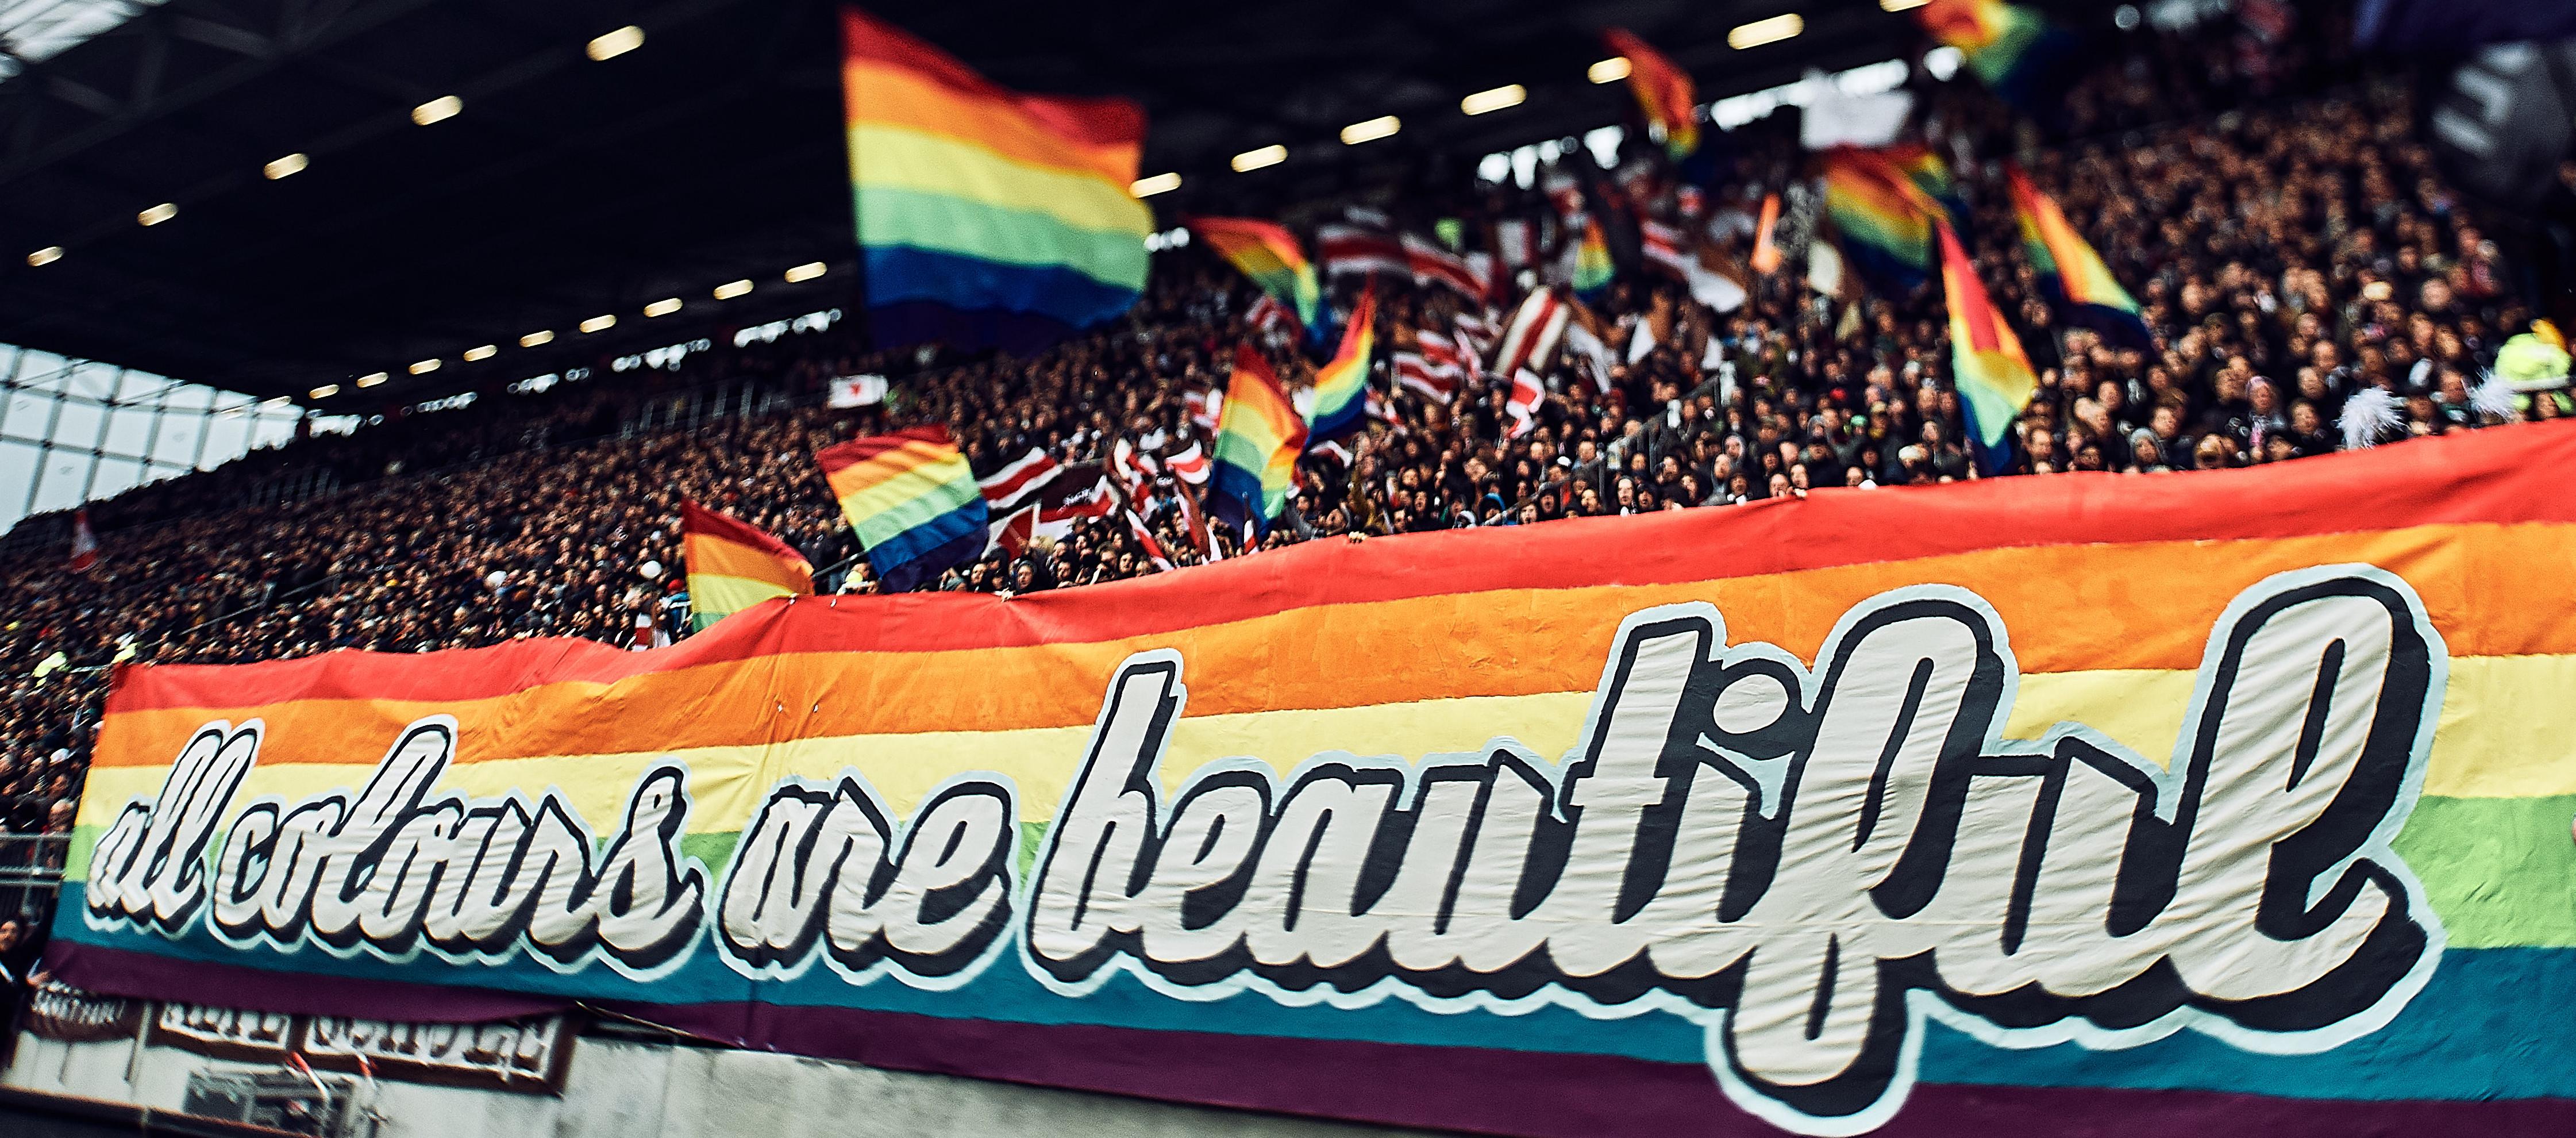 """Choreographie St. Pauli. Unten Banner in Regenbogenfarben mit Aufdruck """"all colours are beautiful"""". Darüber schwingen Fans bunte Fahnen."""